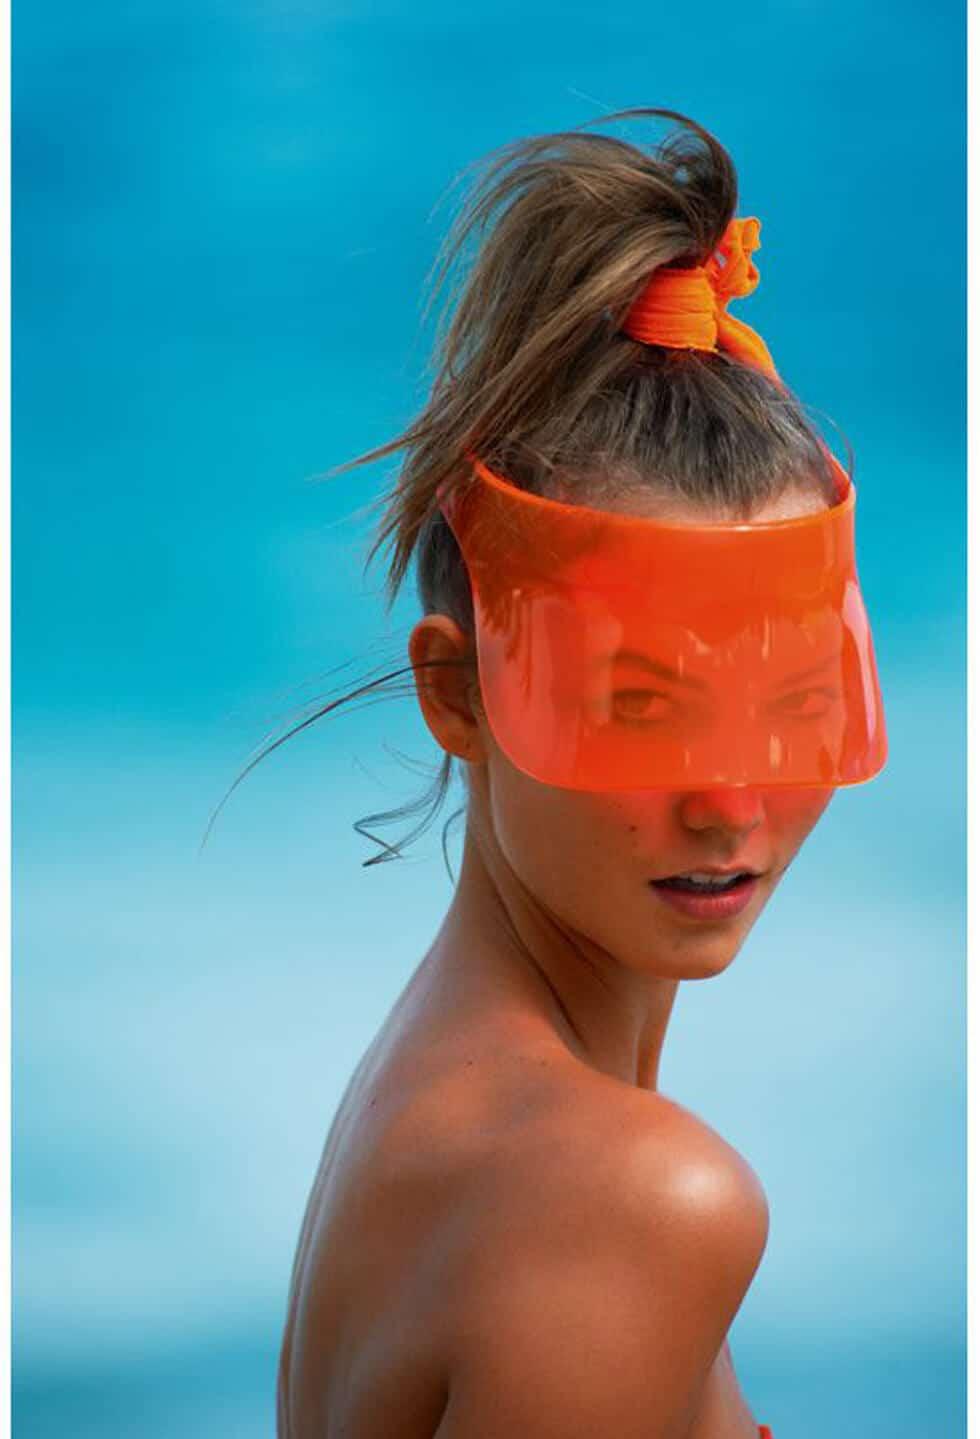 Photo de modèe portant un masque en guise de lunettes de soleil oranges.